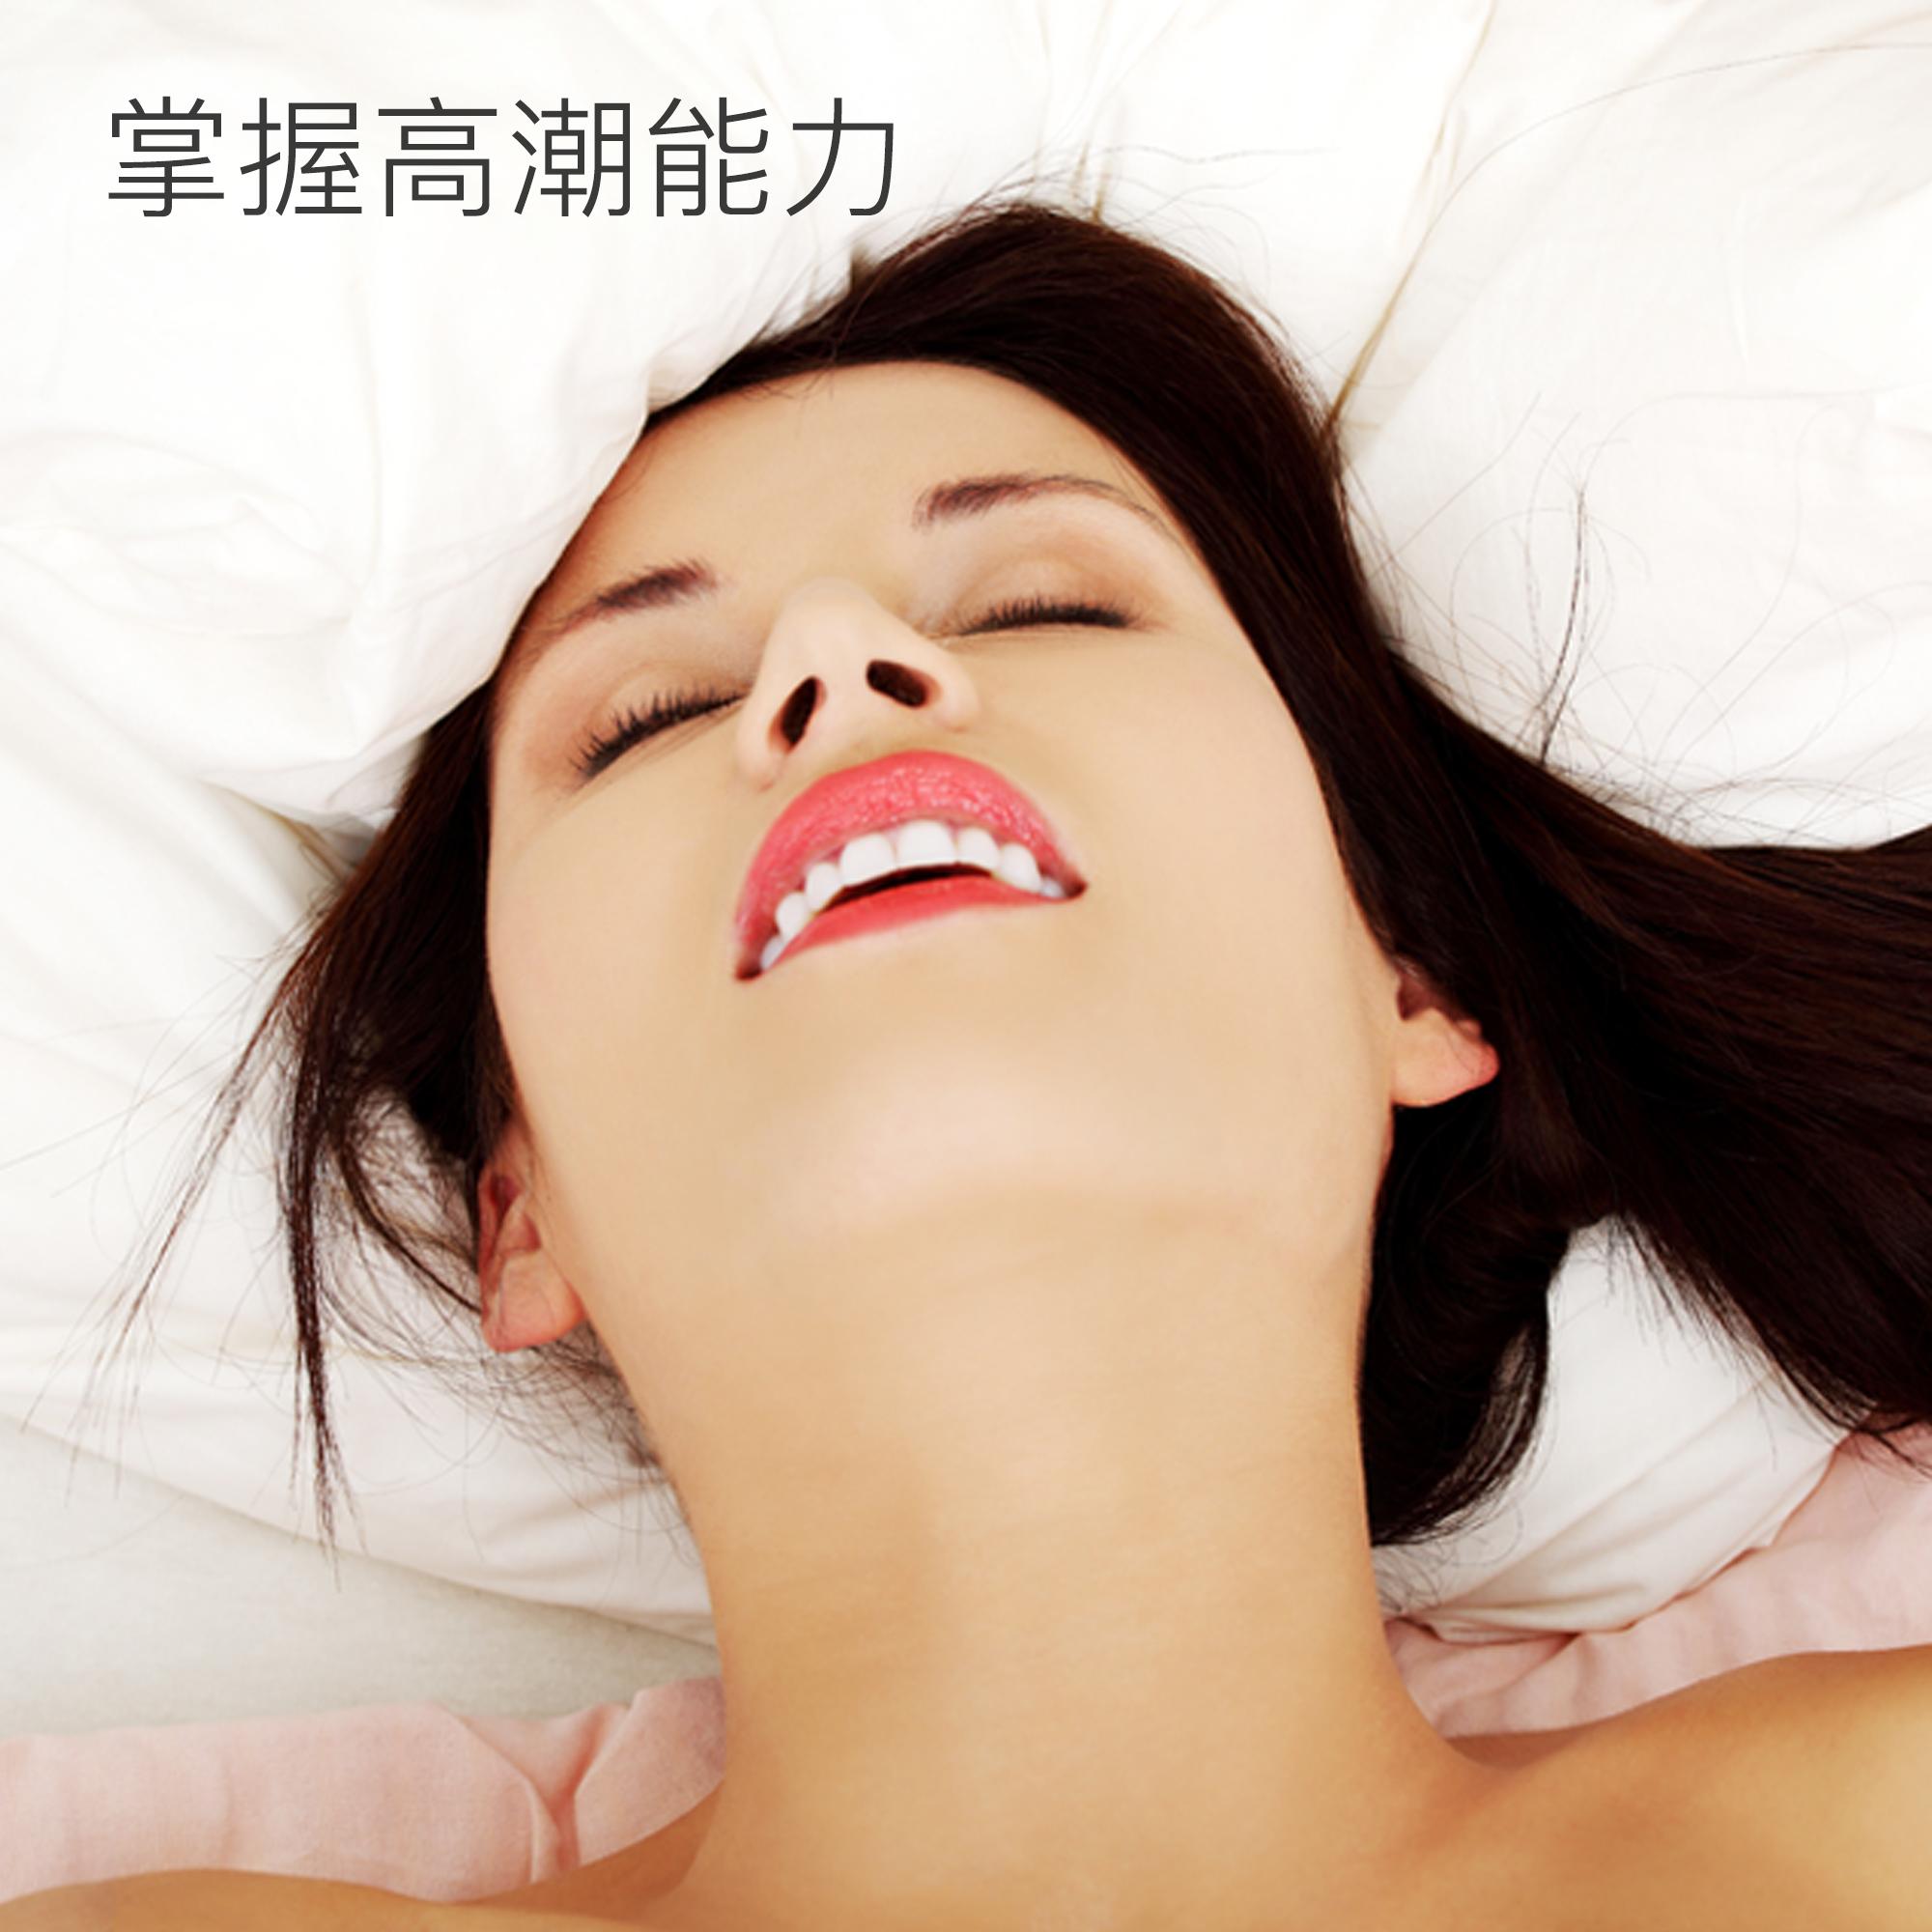 「 JEP© 陈见玉蛋功 」商标专利线上教程礼包 商品图1